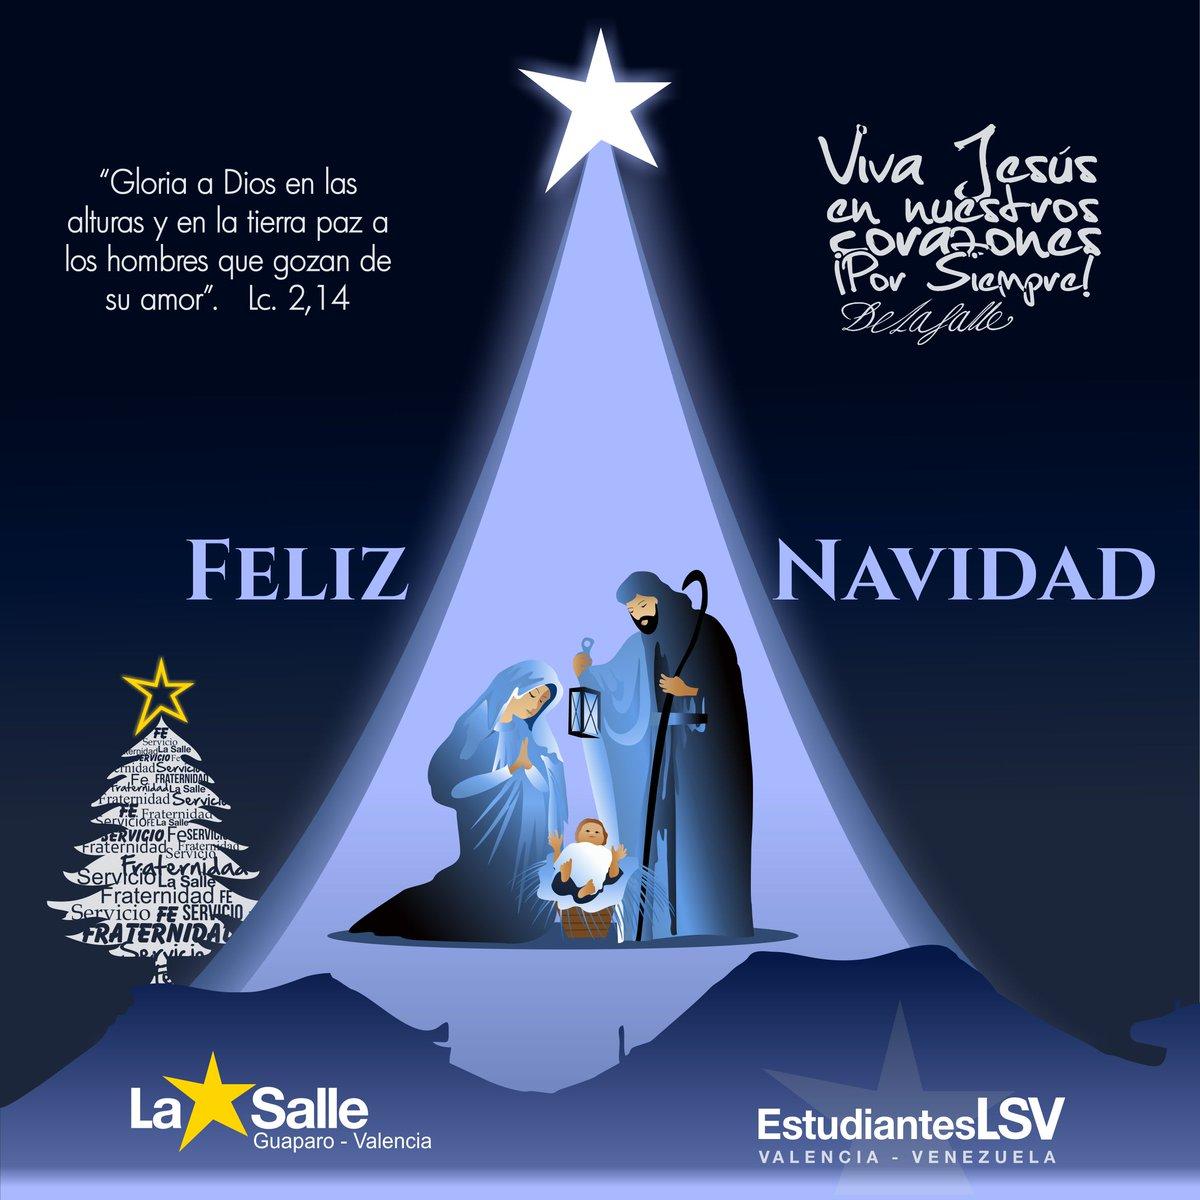 Fotos De Navidad Del Nino Jesus.La Salle Valencia On Twitter Feliz Navidad A Toda La